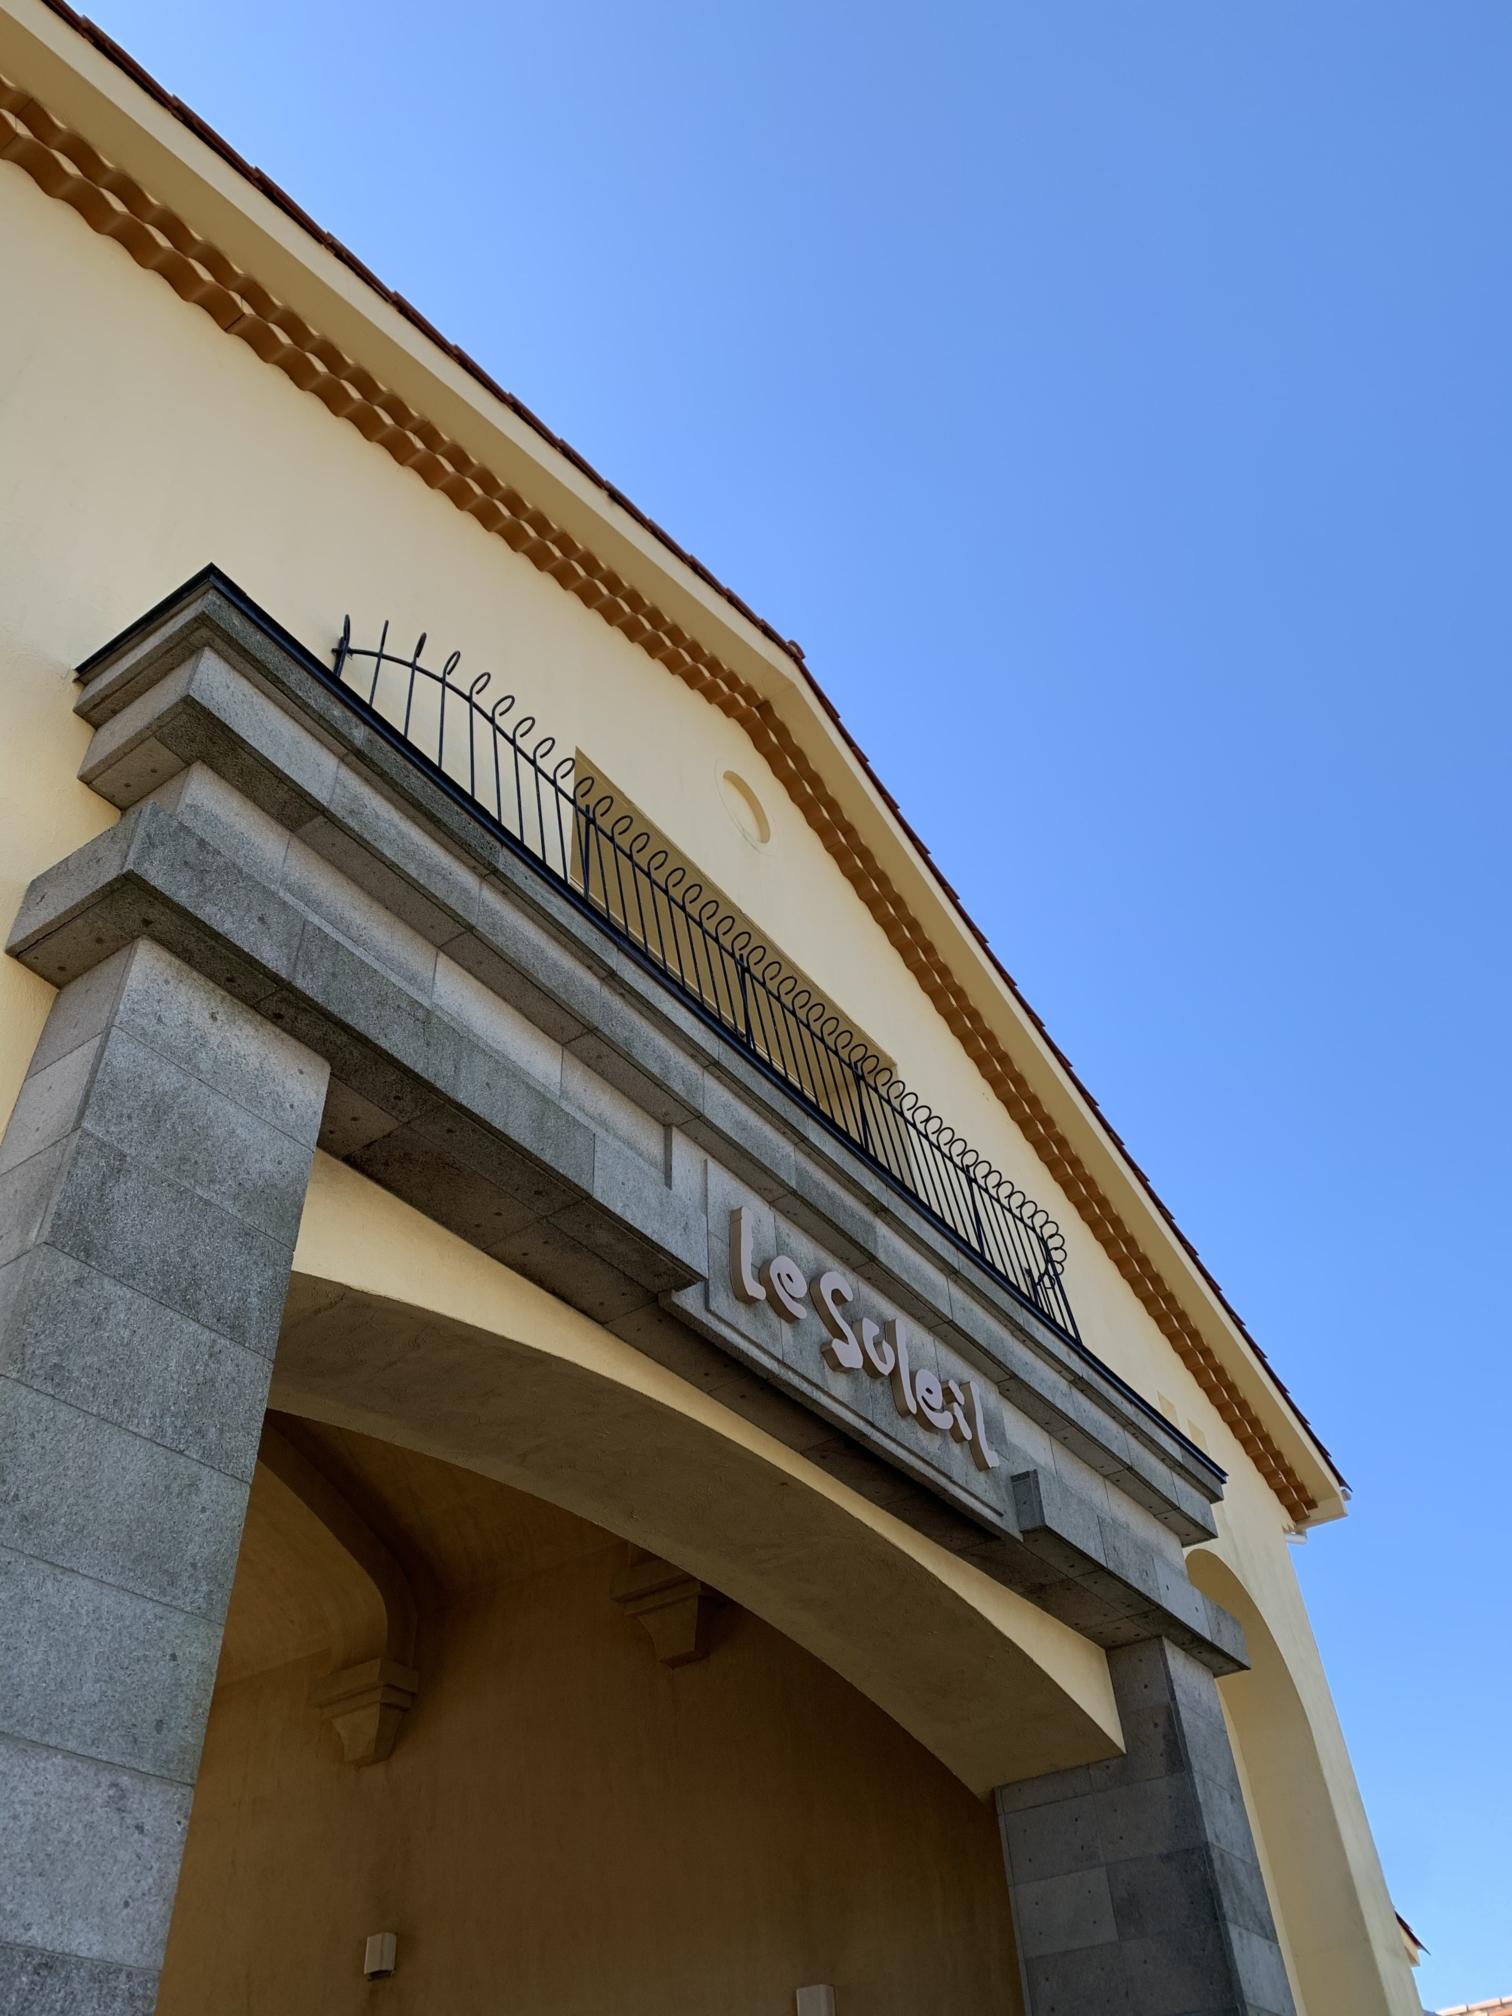 ソレイユの丘入り口(入園無料)